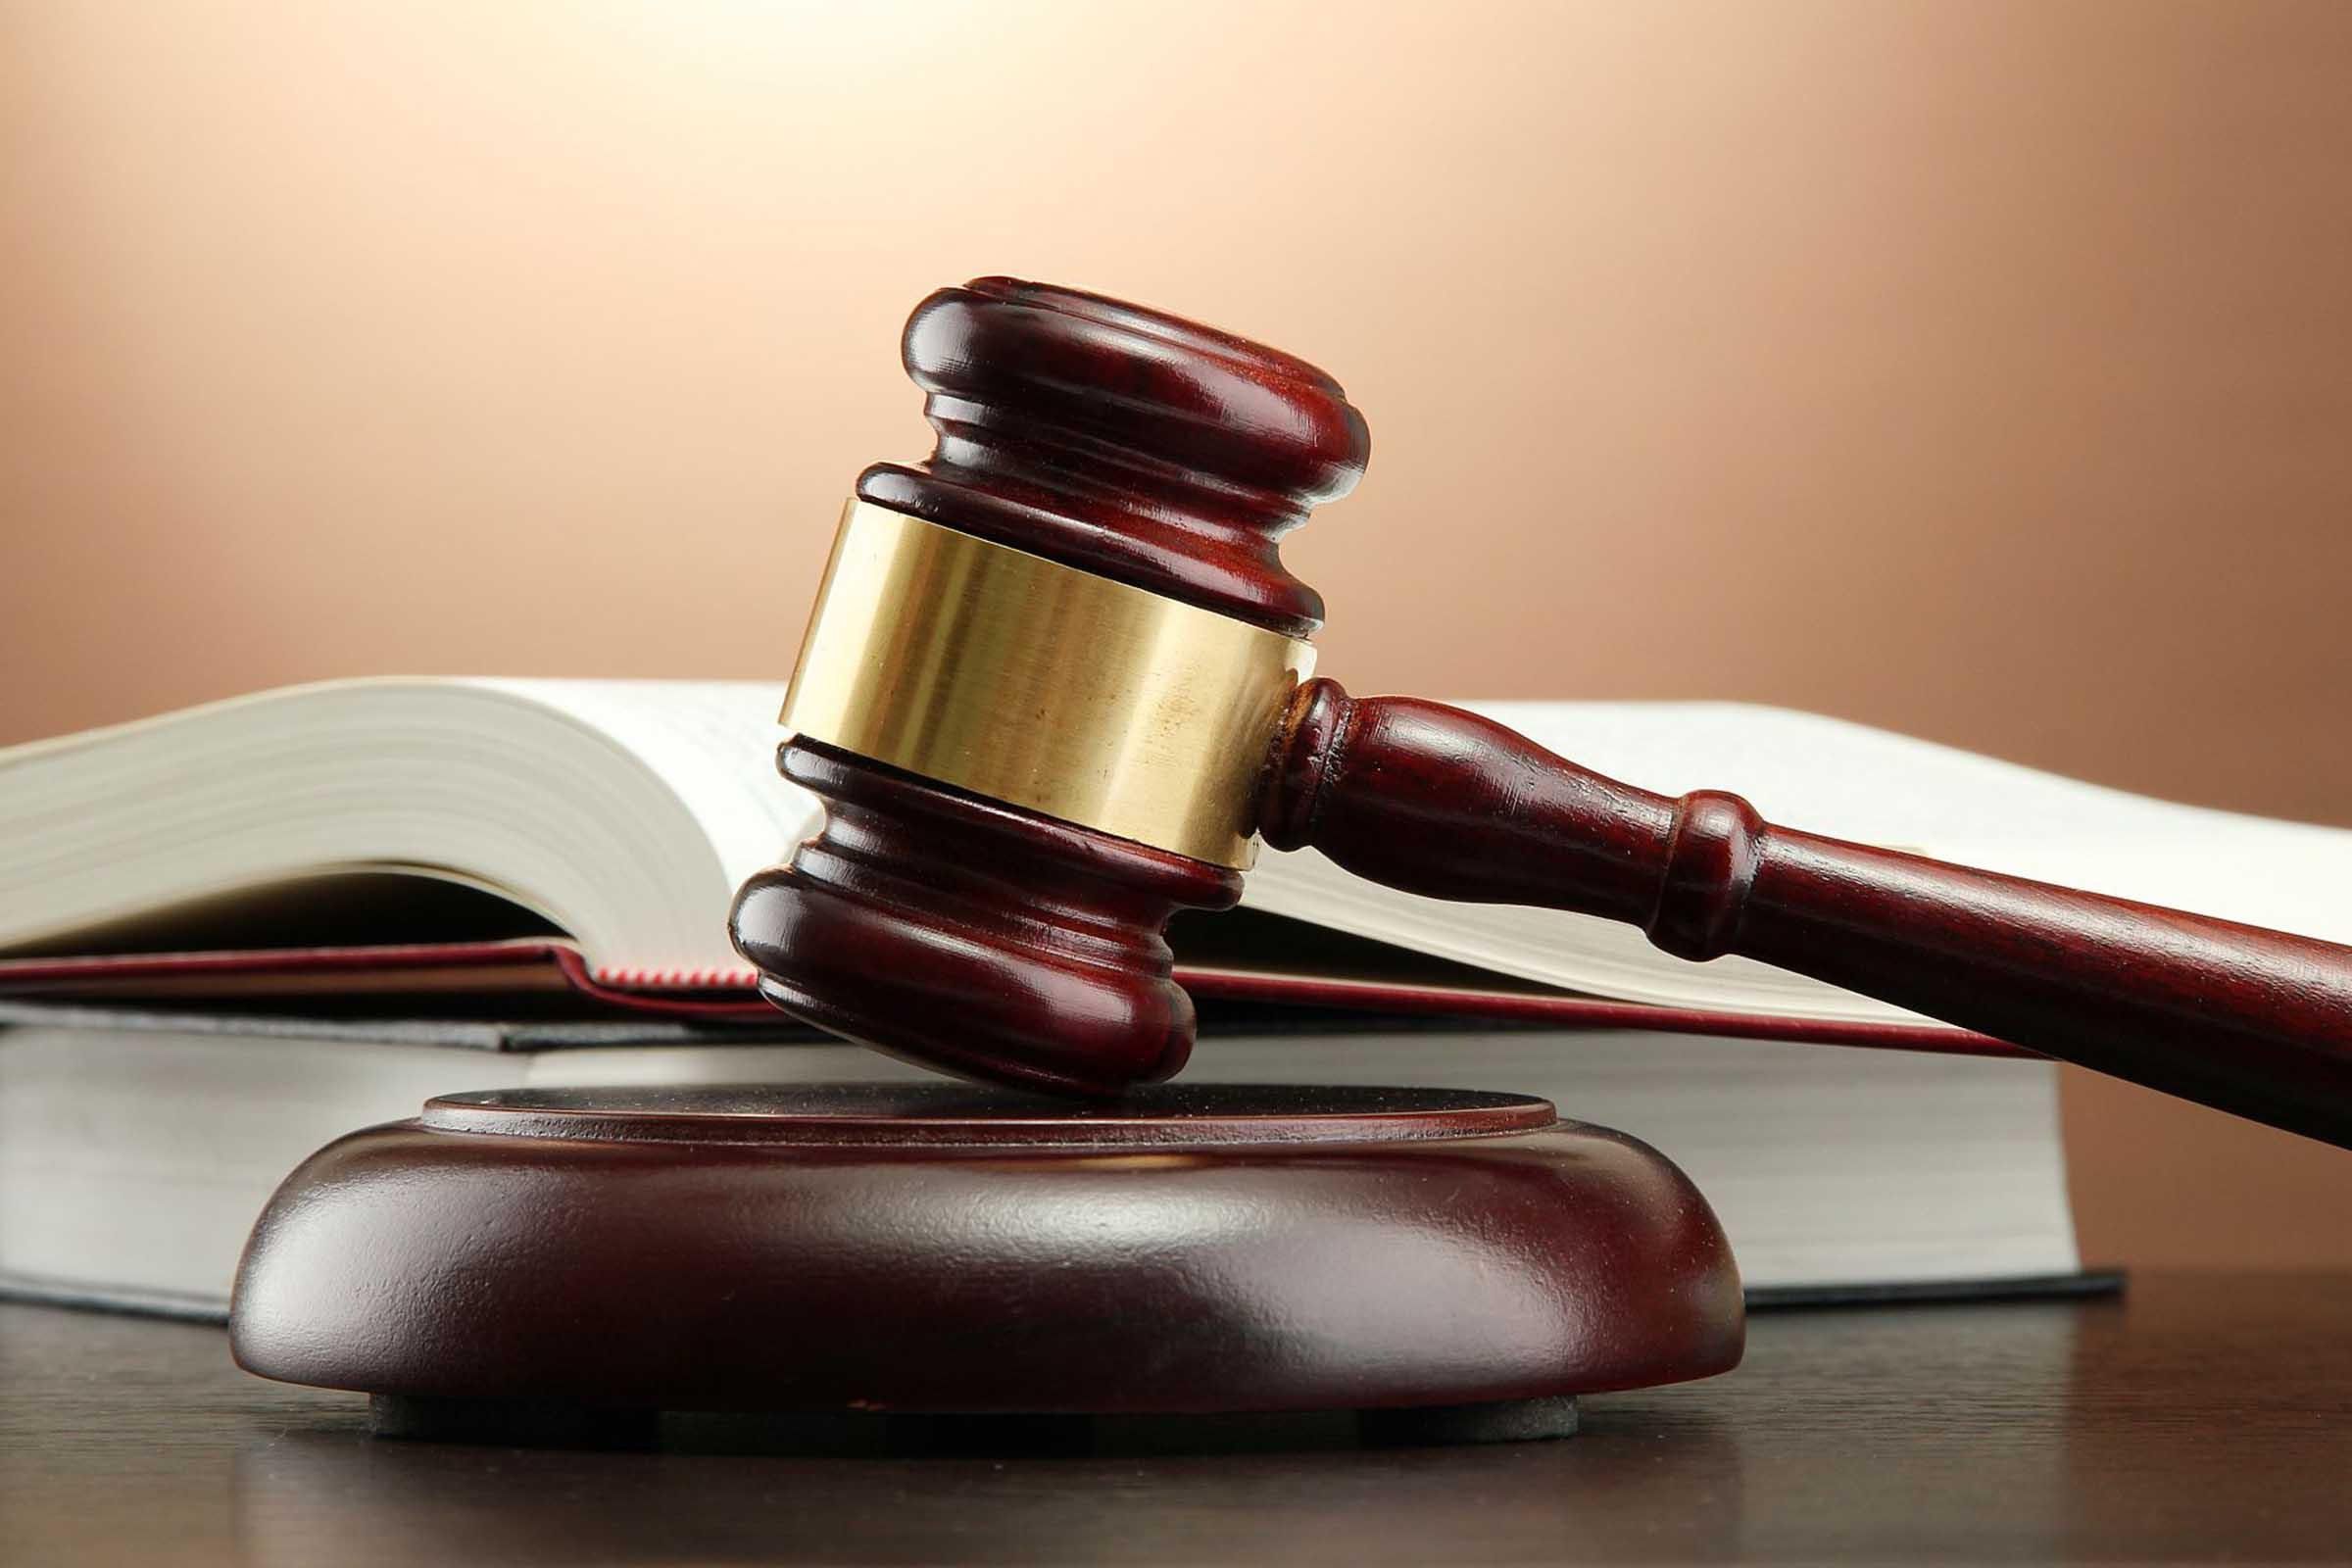 Recursos de multas - Afinal, como funciona o processo administrativo de uma multa? - Recorra Aqui - Multas e CNH - administrativo | Cetran | defesa prévia